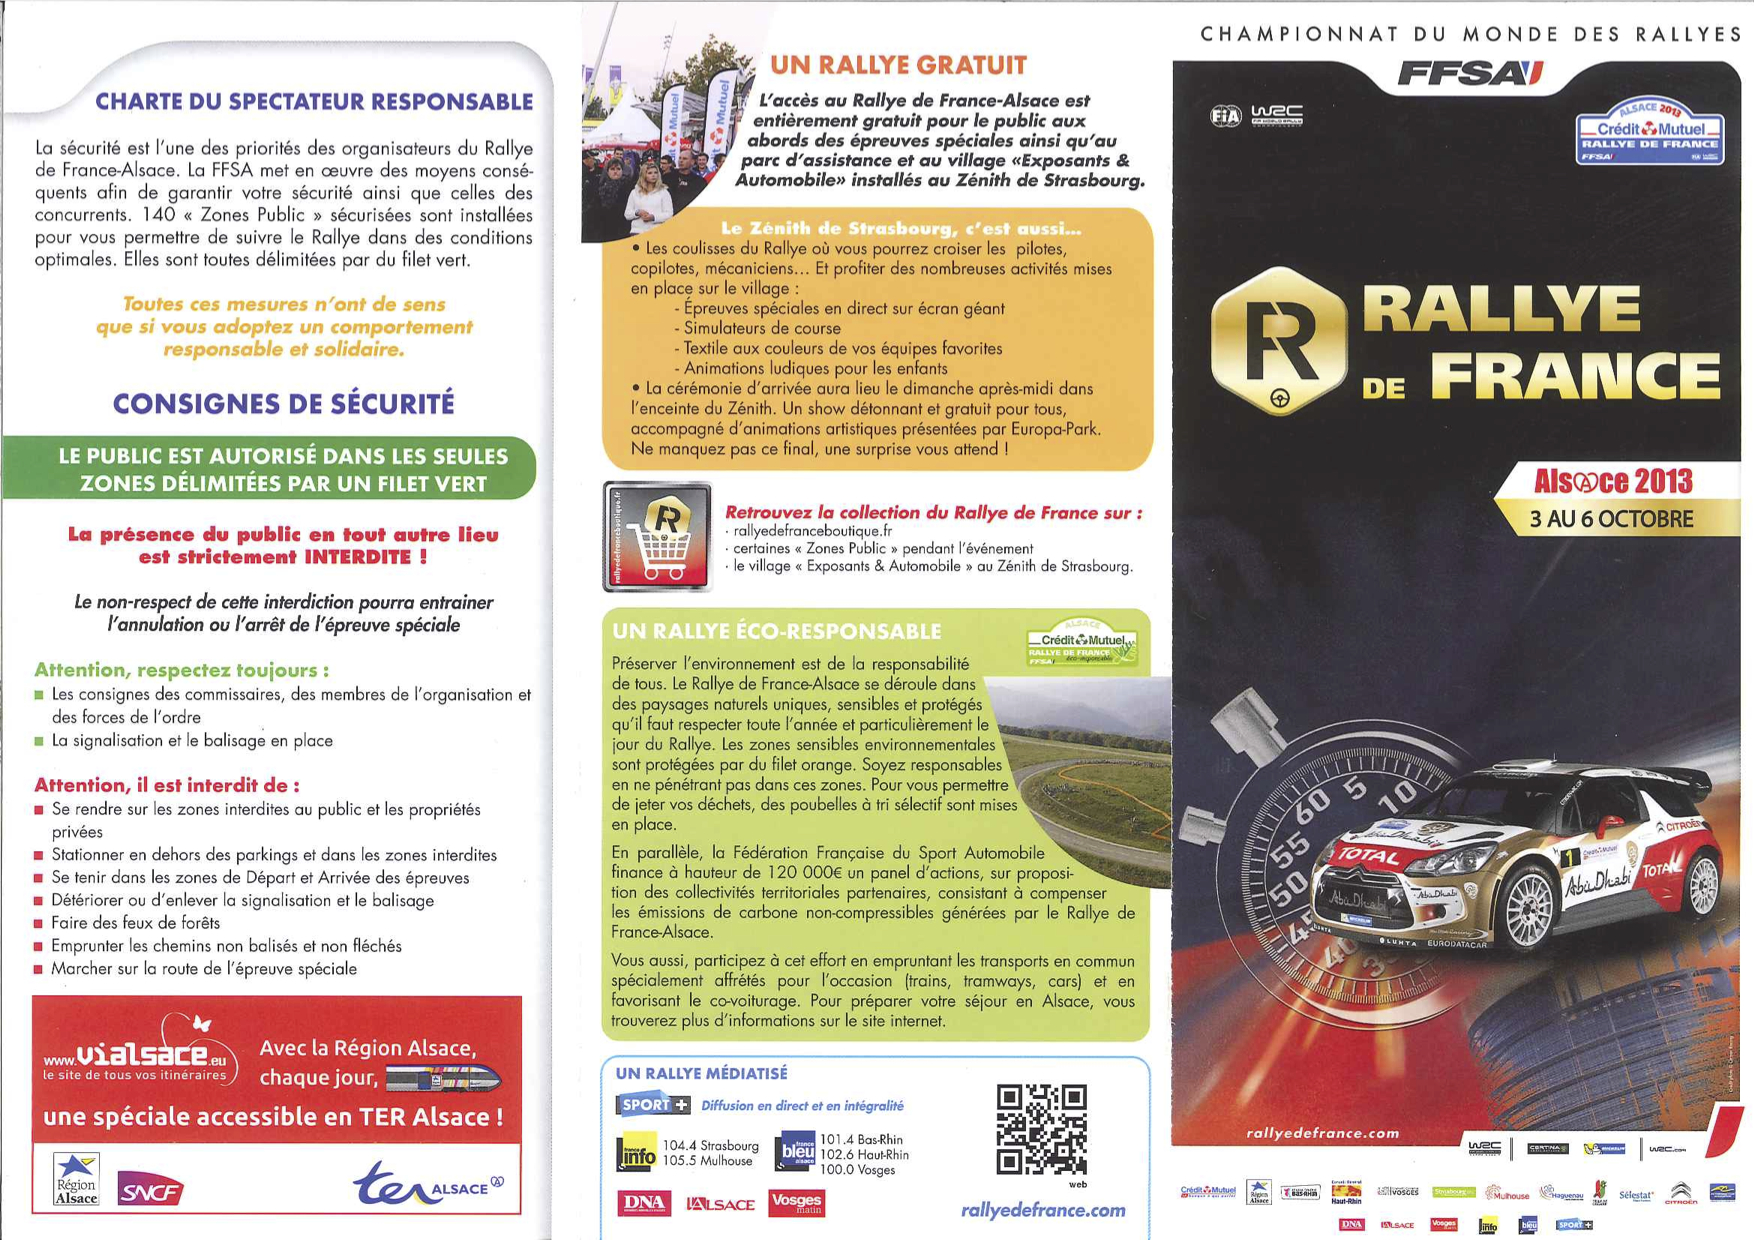 plaquette-rallye-de-france2013-1